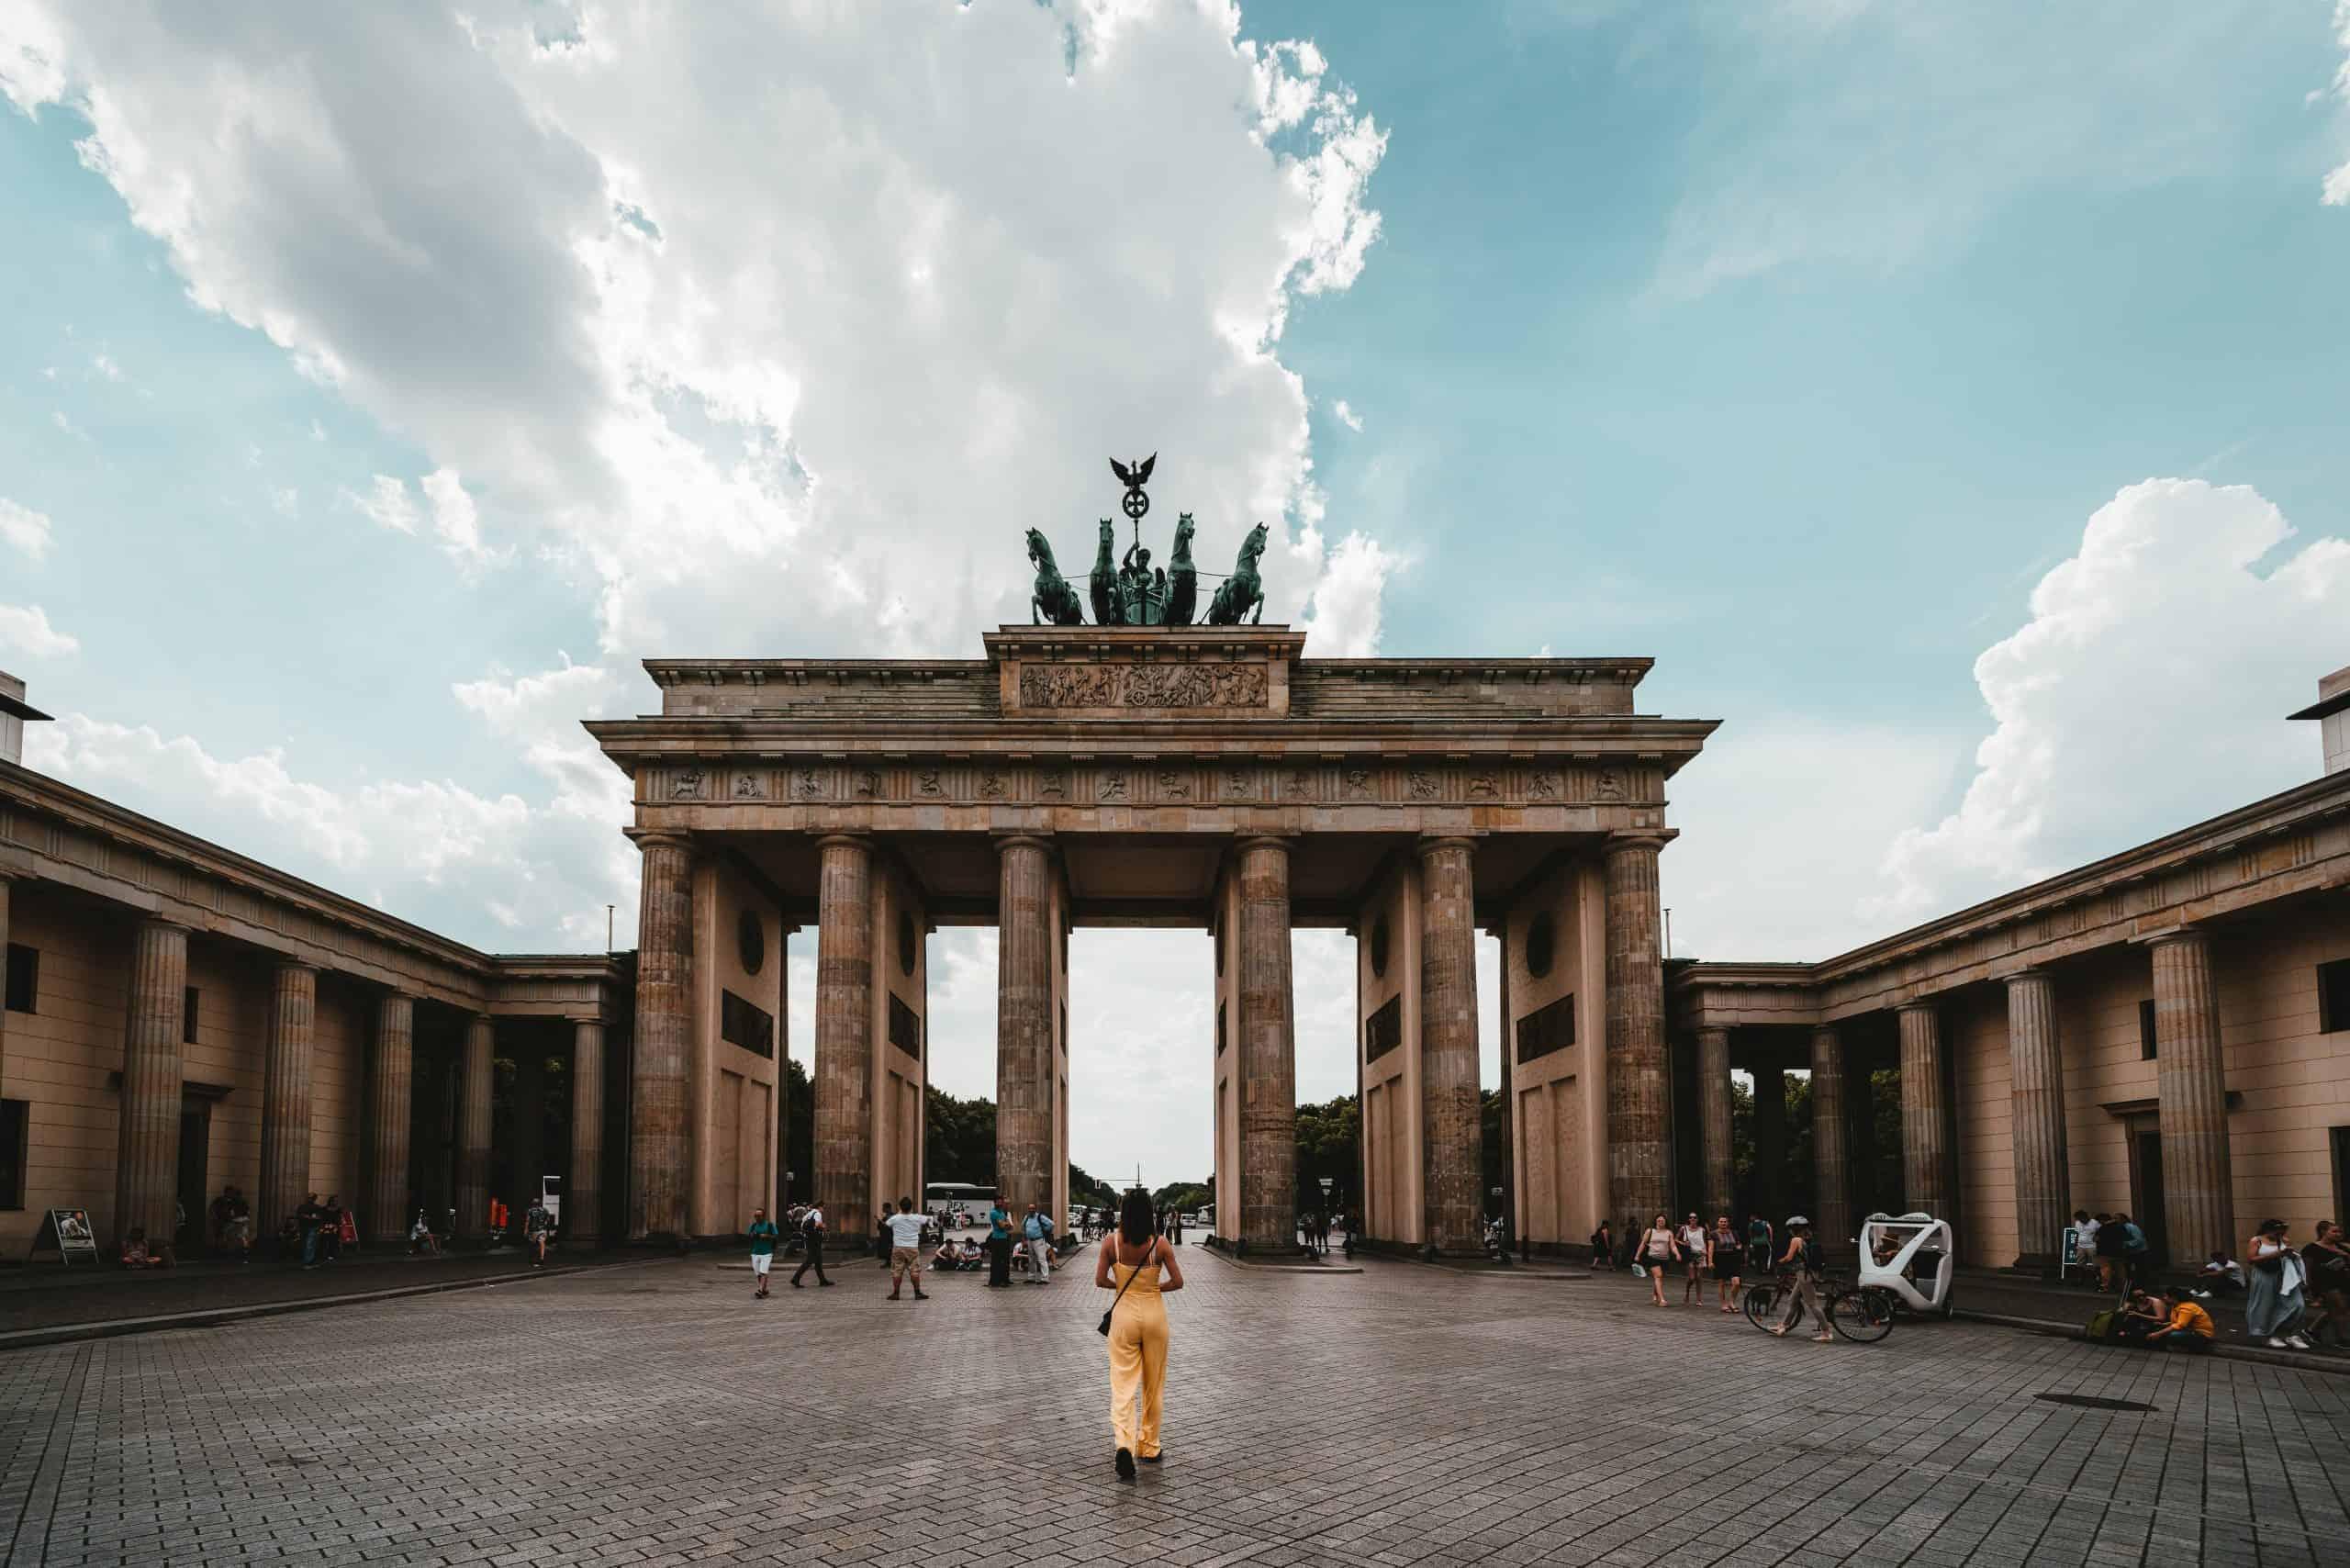 Immobilieninvestor aus Berlin kauft Bürogebäude in Paris